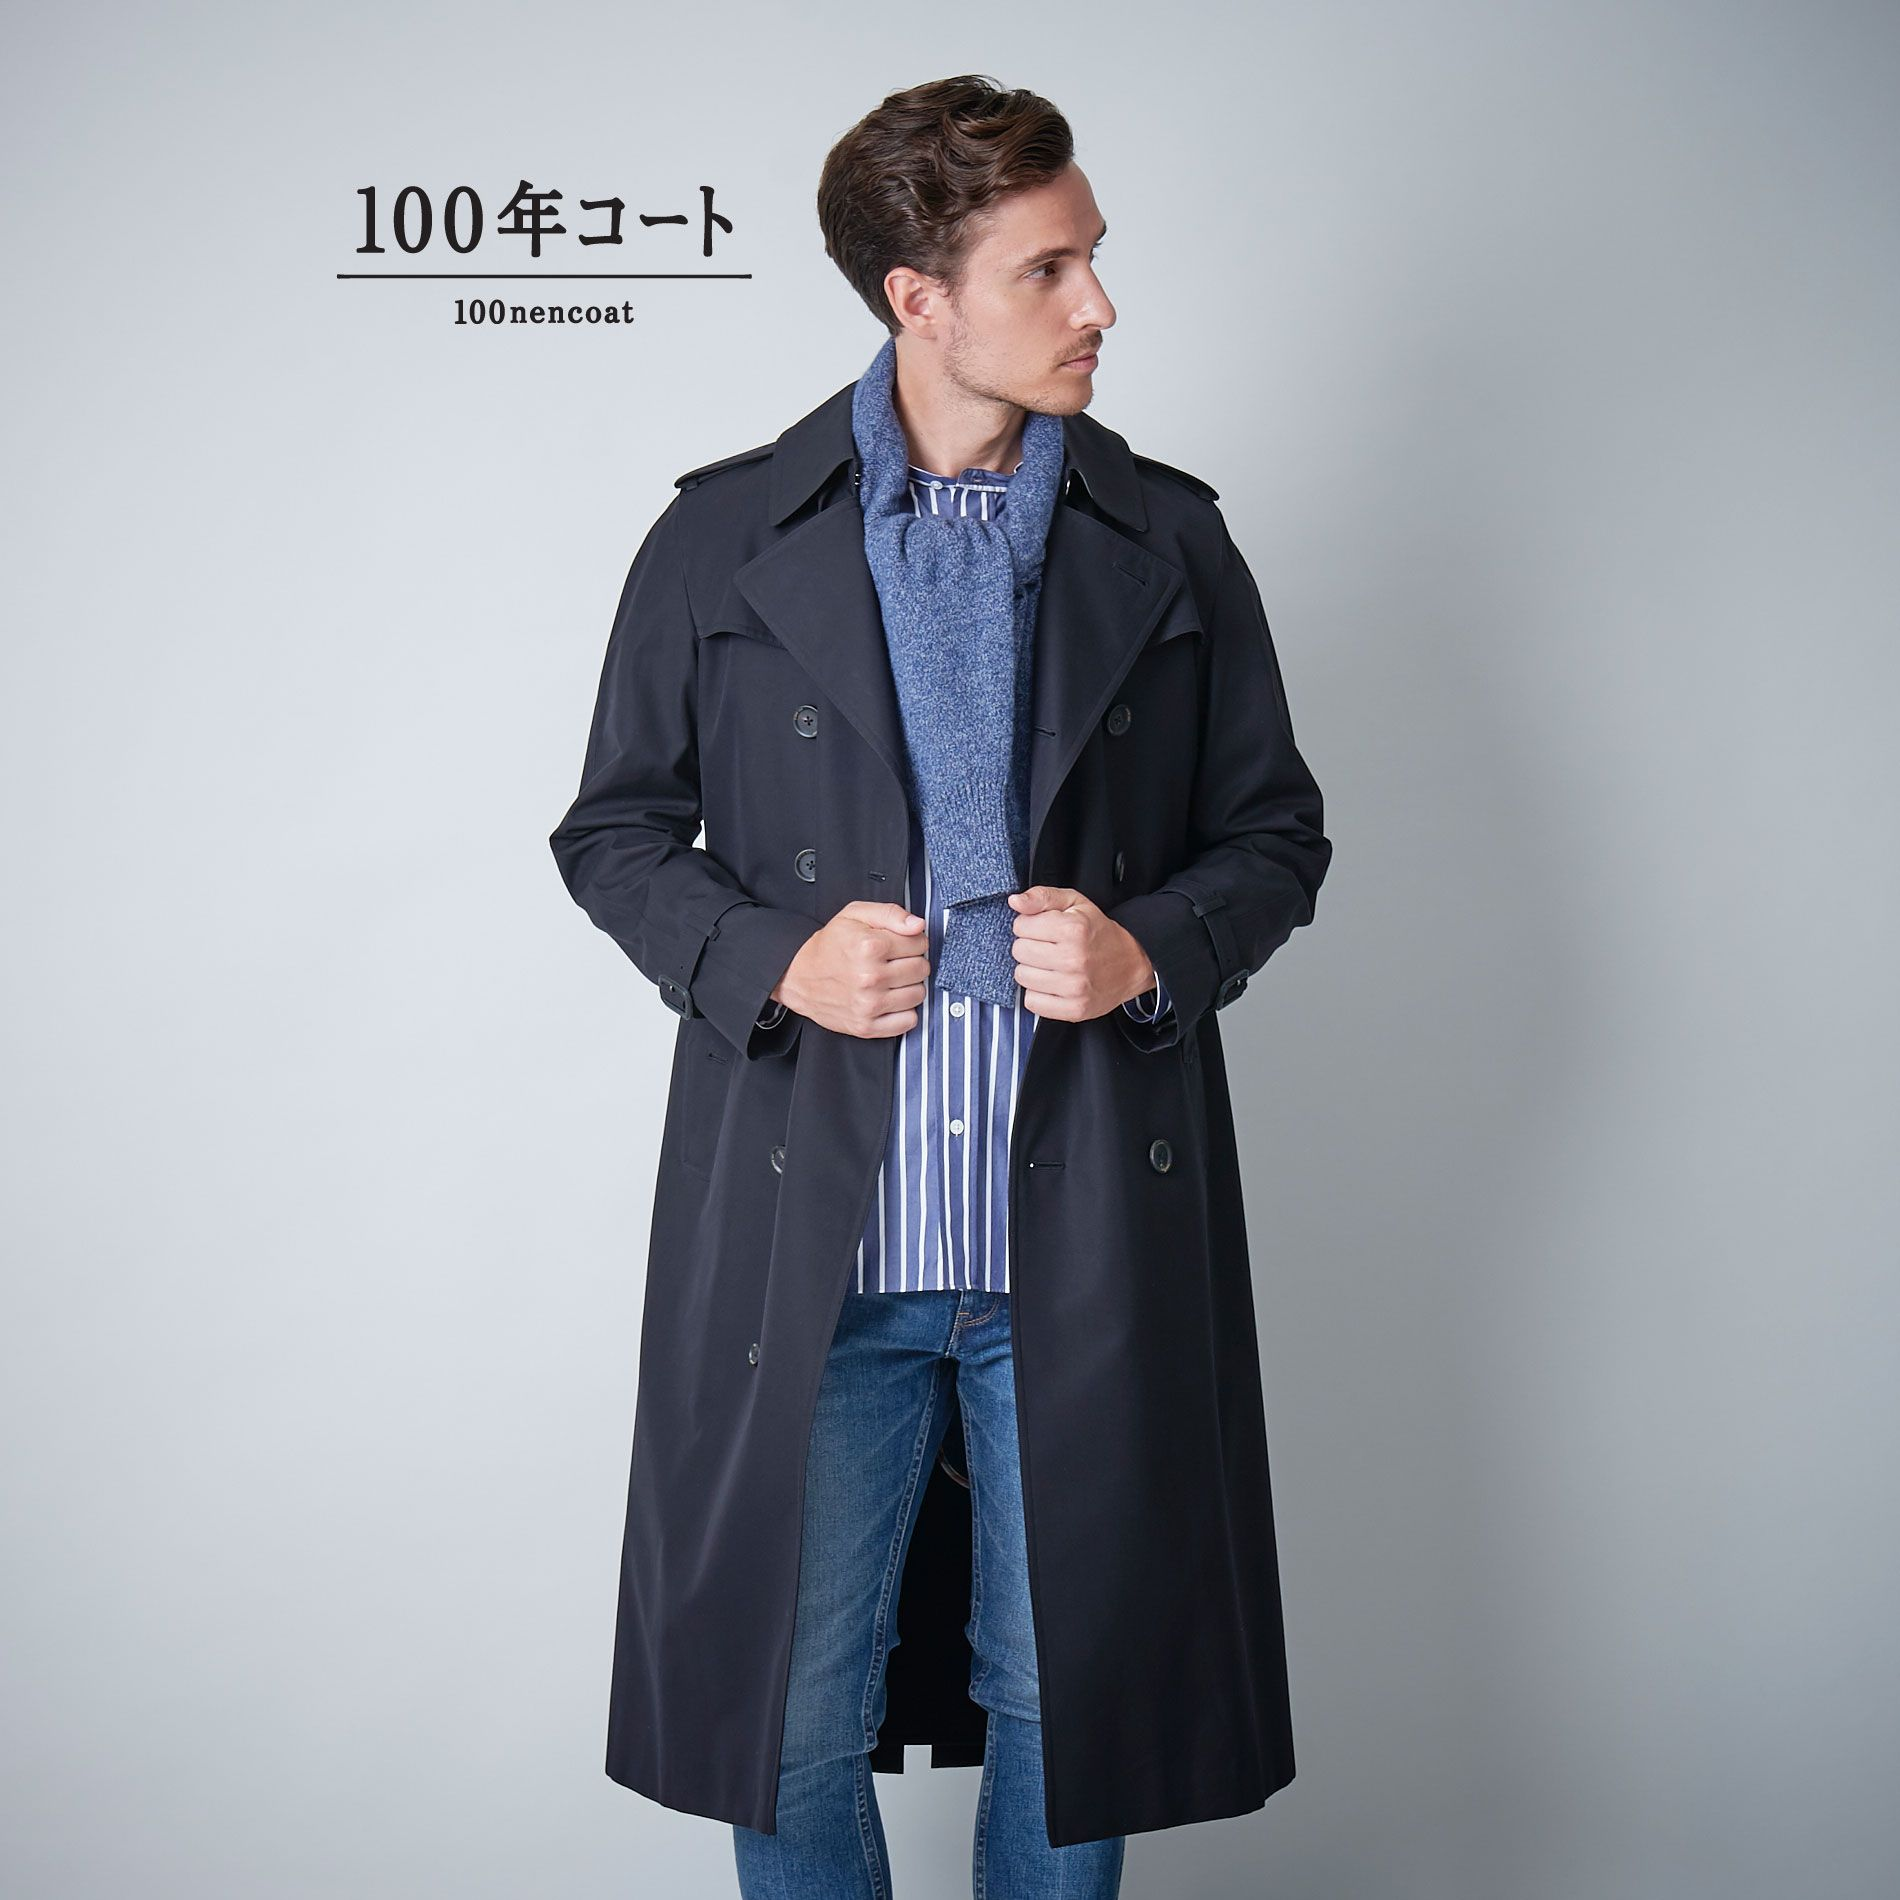 <集英社> <100年コート>ダブルトレンチロングコート(三陽格子)